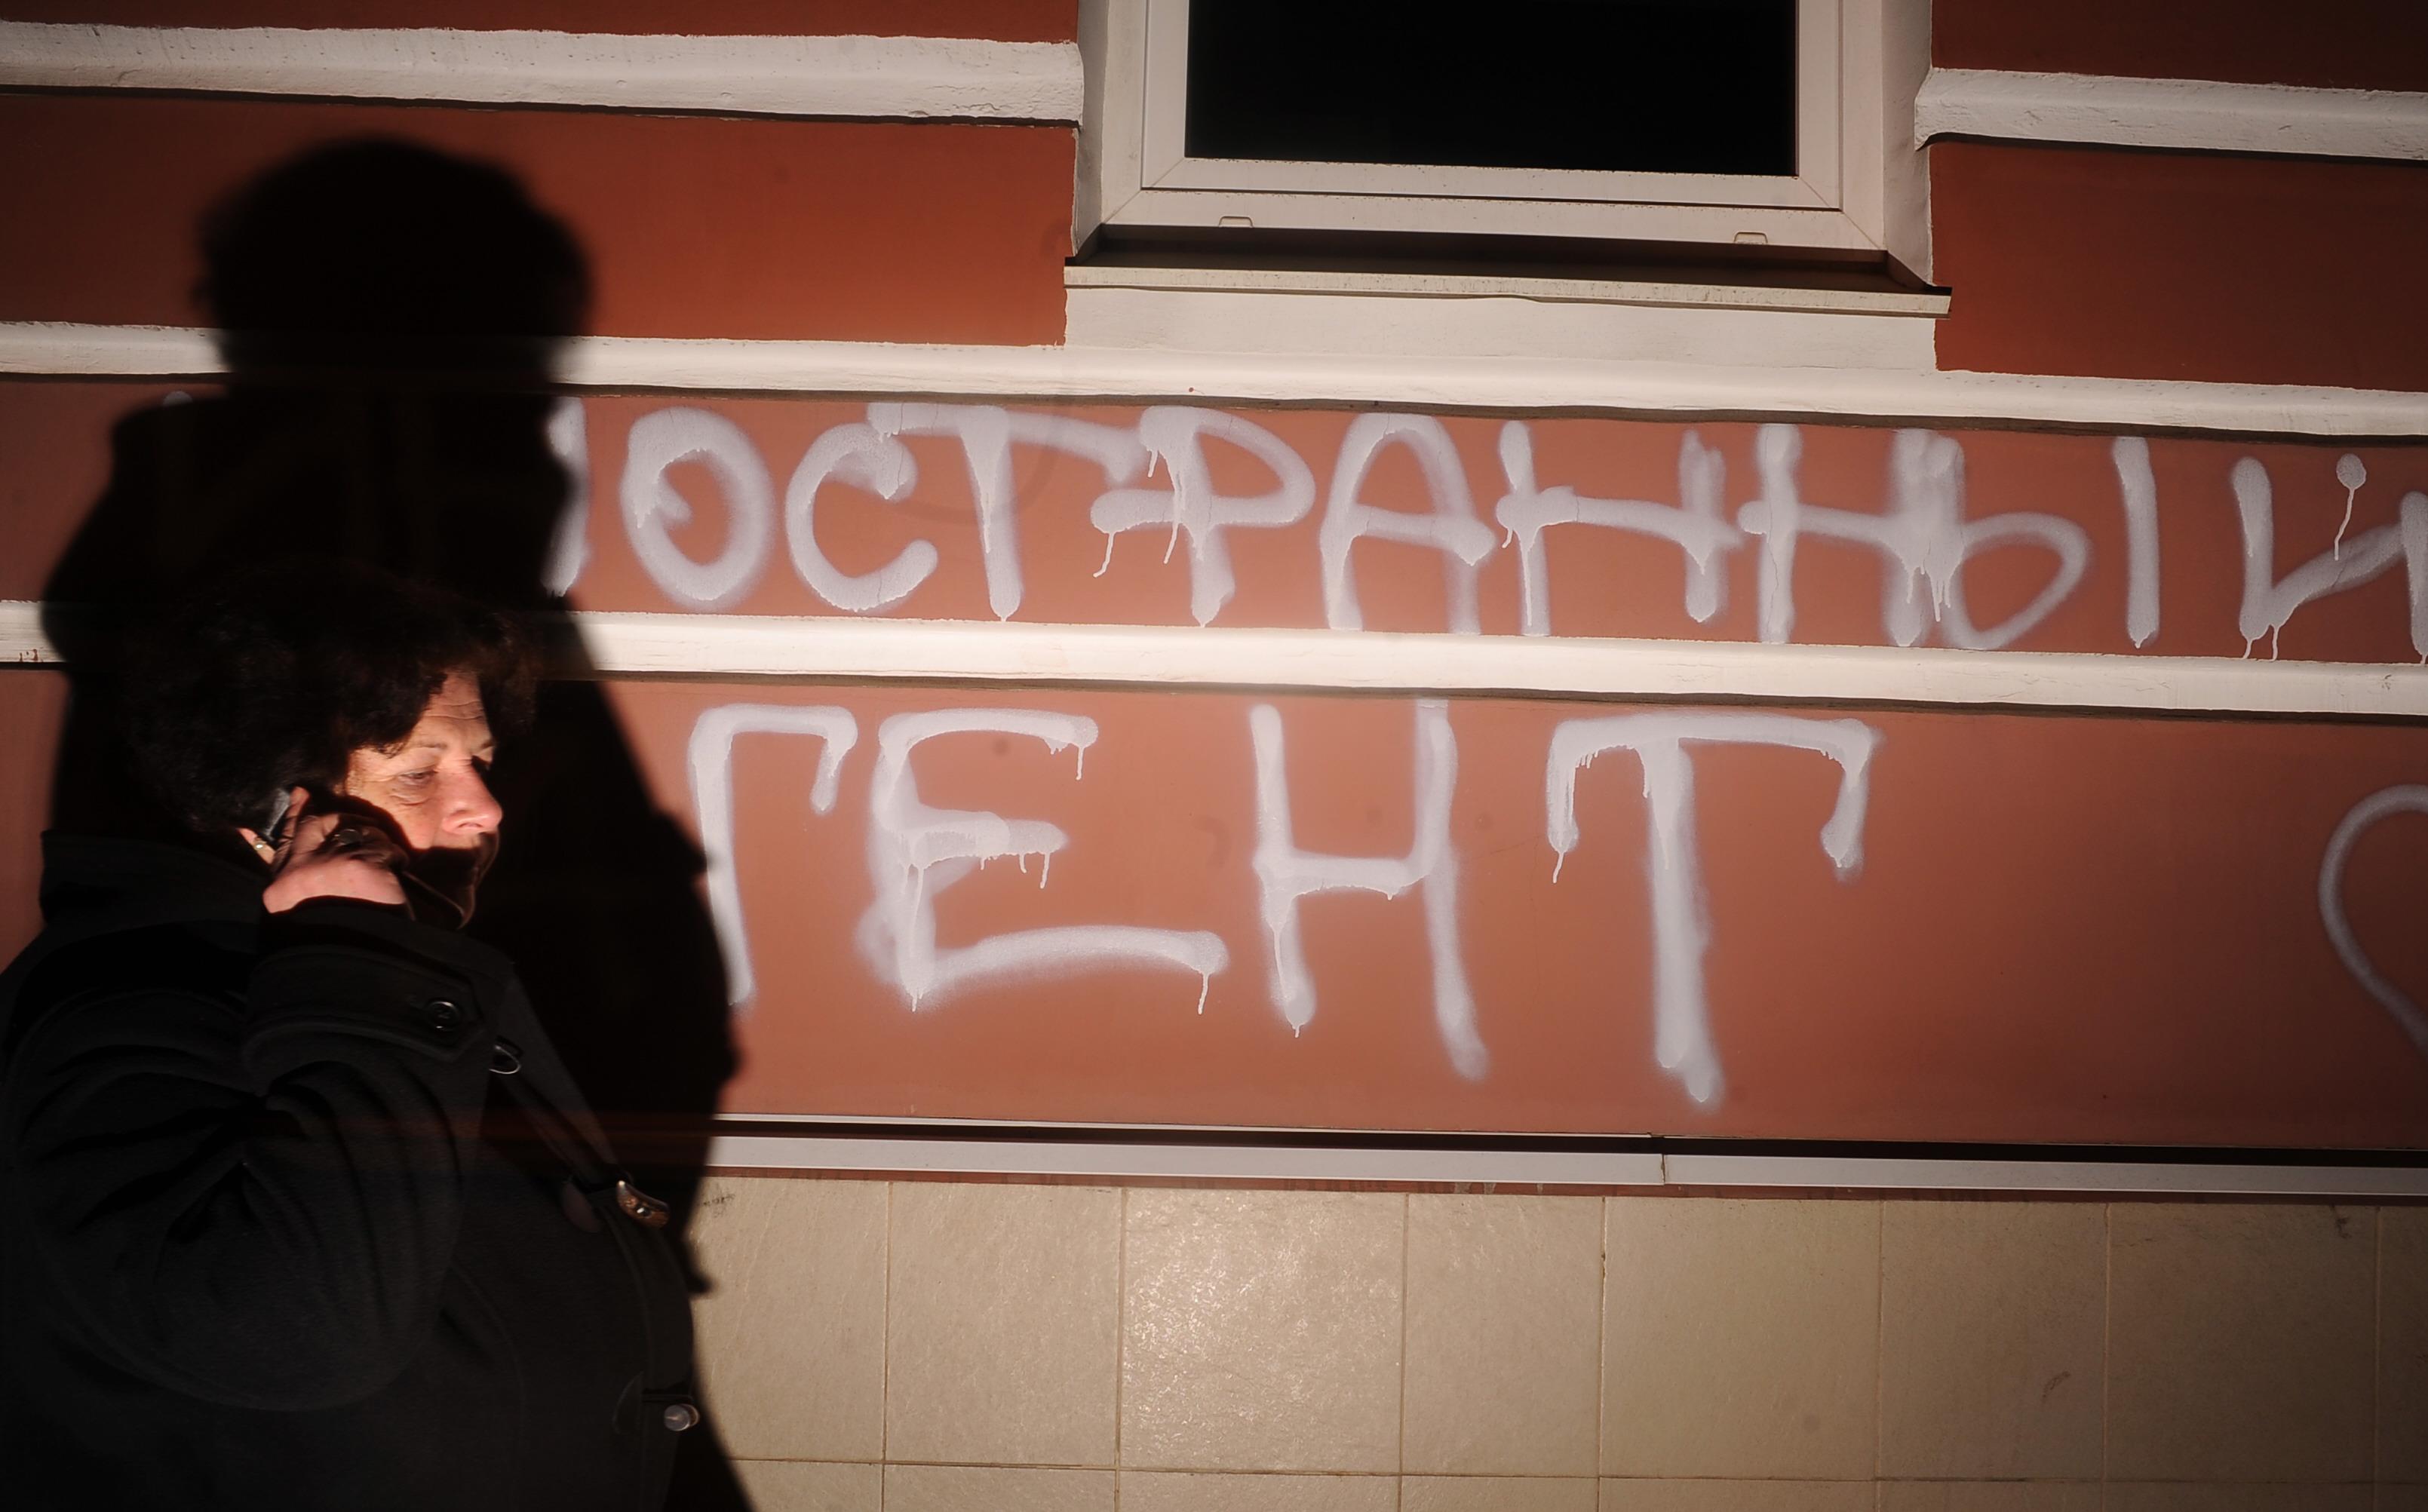 """На 24 май в Русия бе подписан още един закон, който касае НПО. """"Чужденците"""" могат да бъдат признати за """"нежелани"""" и без съдебно решение да бъде забранена дейността им в РФ, ако властите решат, че те са заплаха за конституционния строй, отбранителната способност или безопасността на страната."""